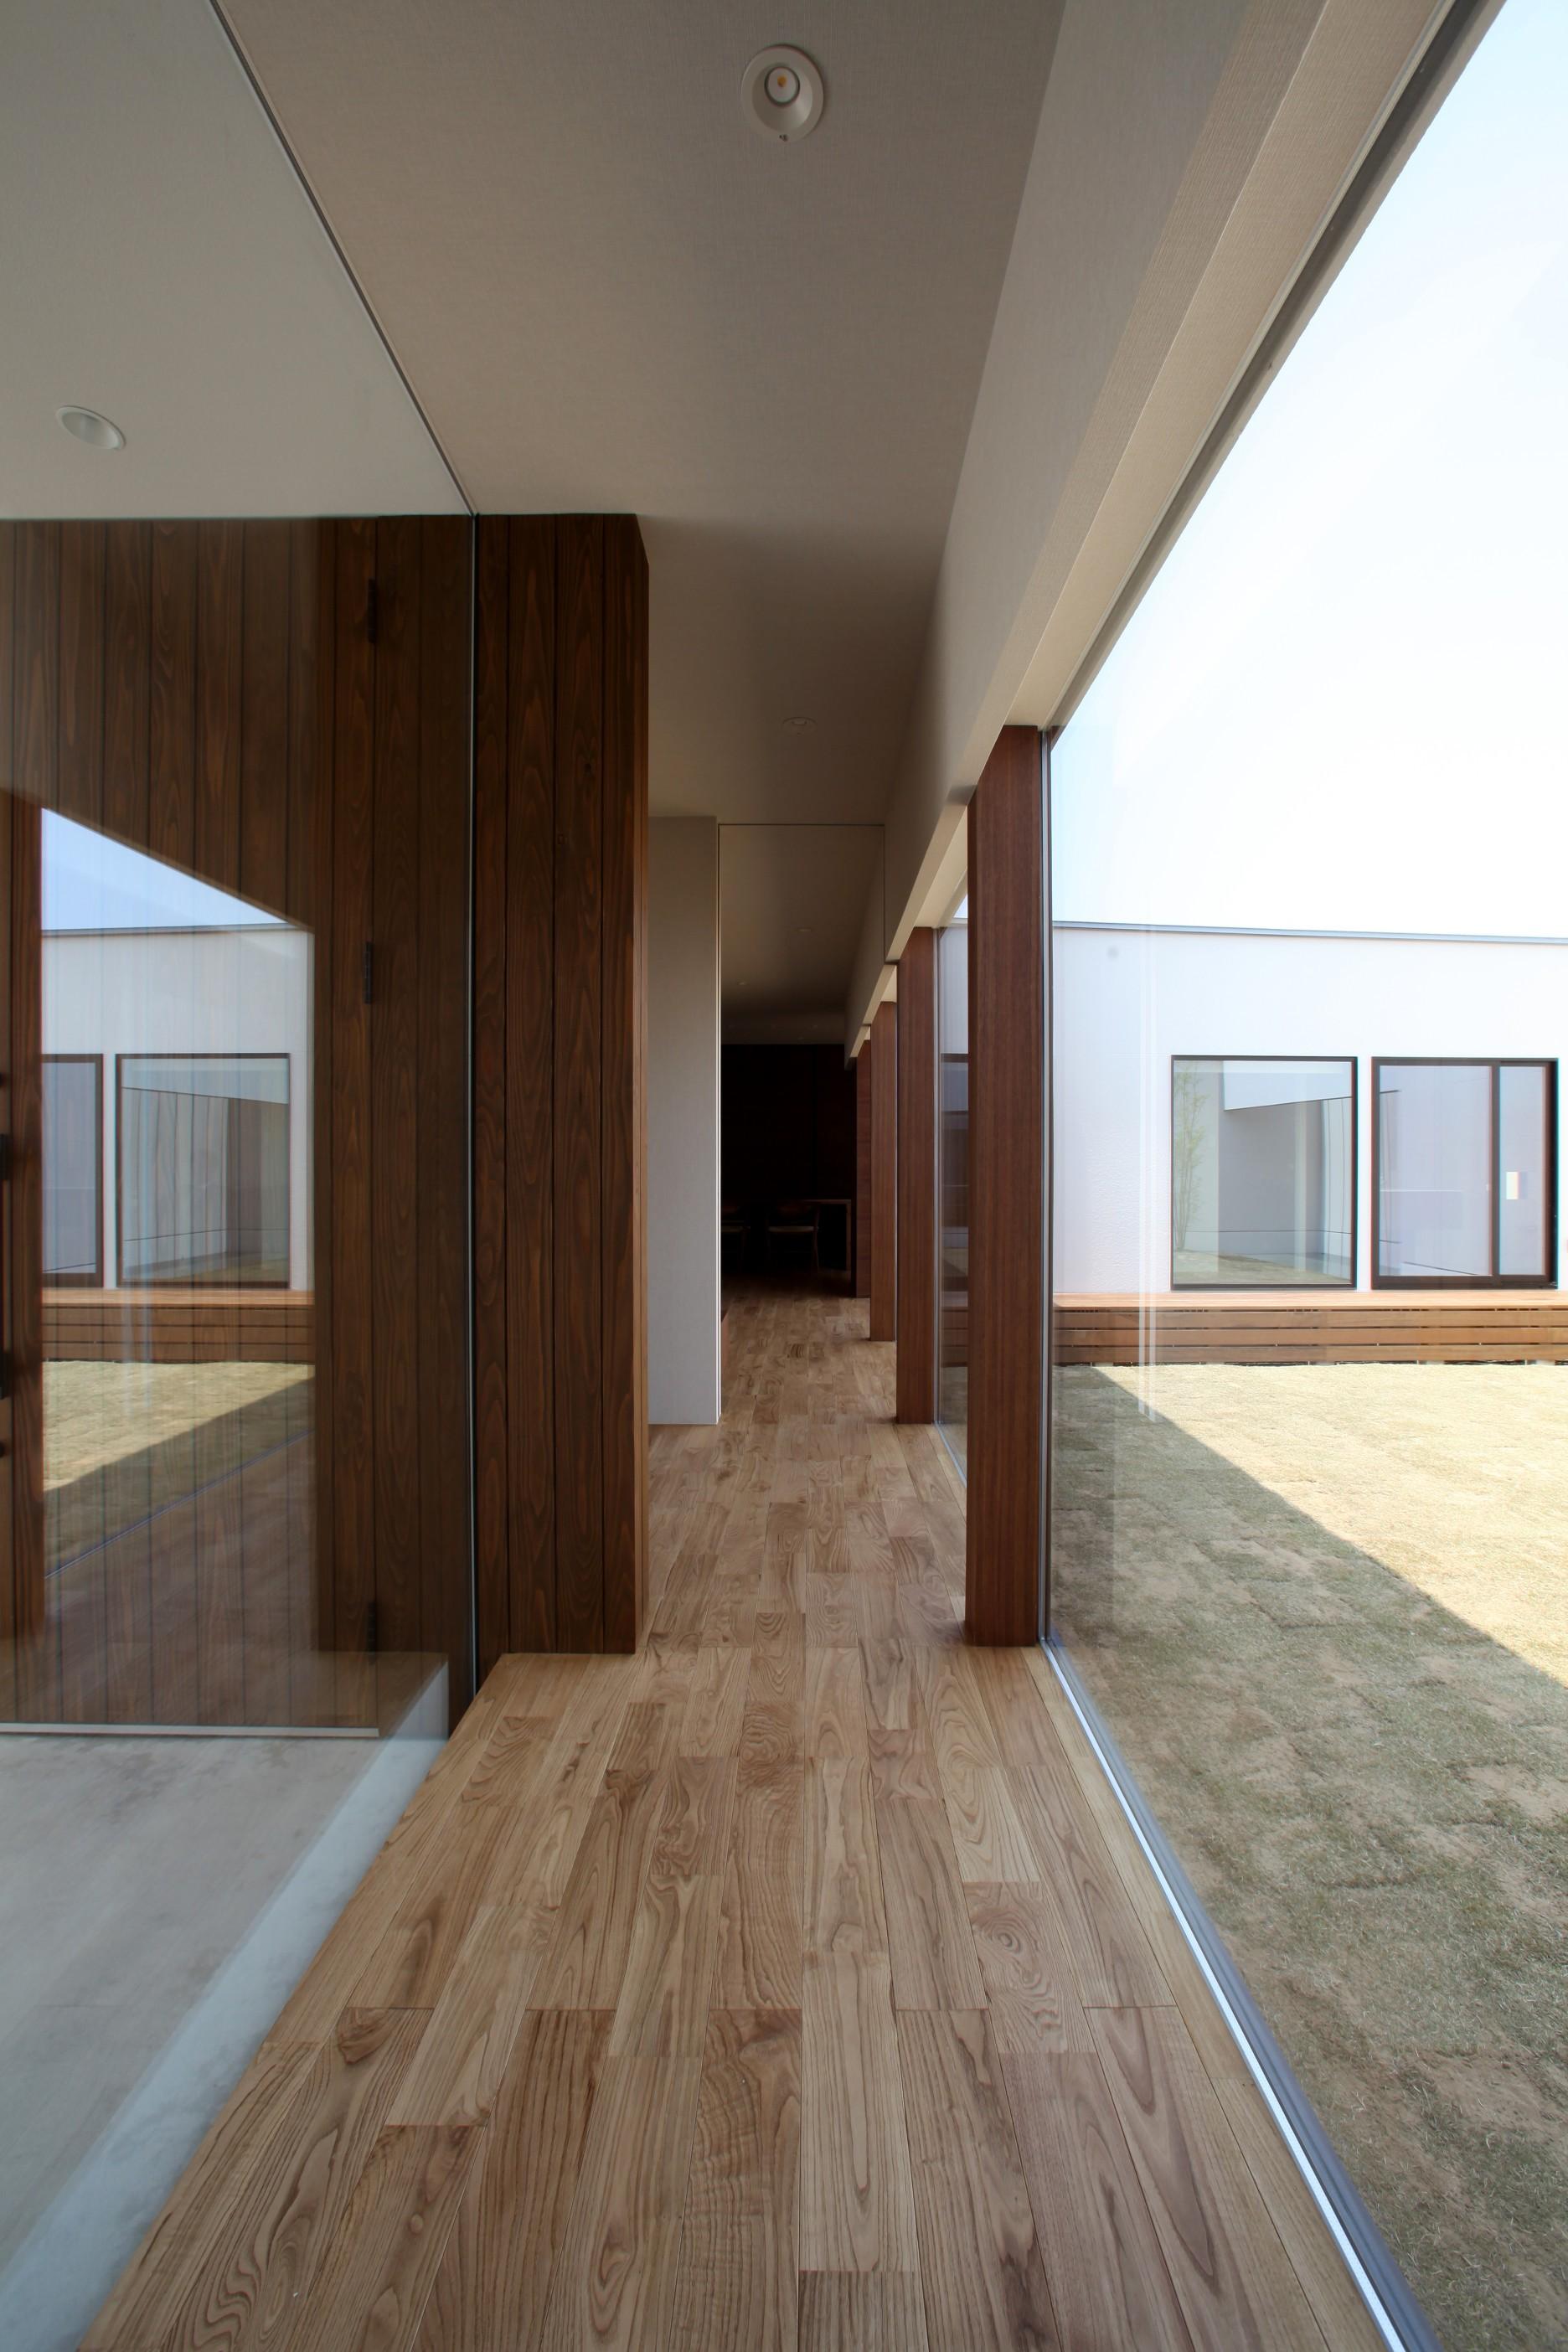 その他事例:開放感のある廊下(保月の家(ほづきのいえ)~お店のようなアプローチ空間~)